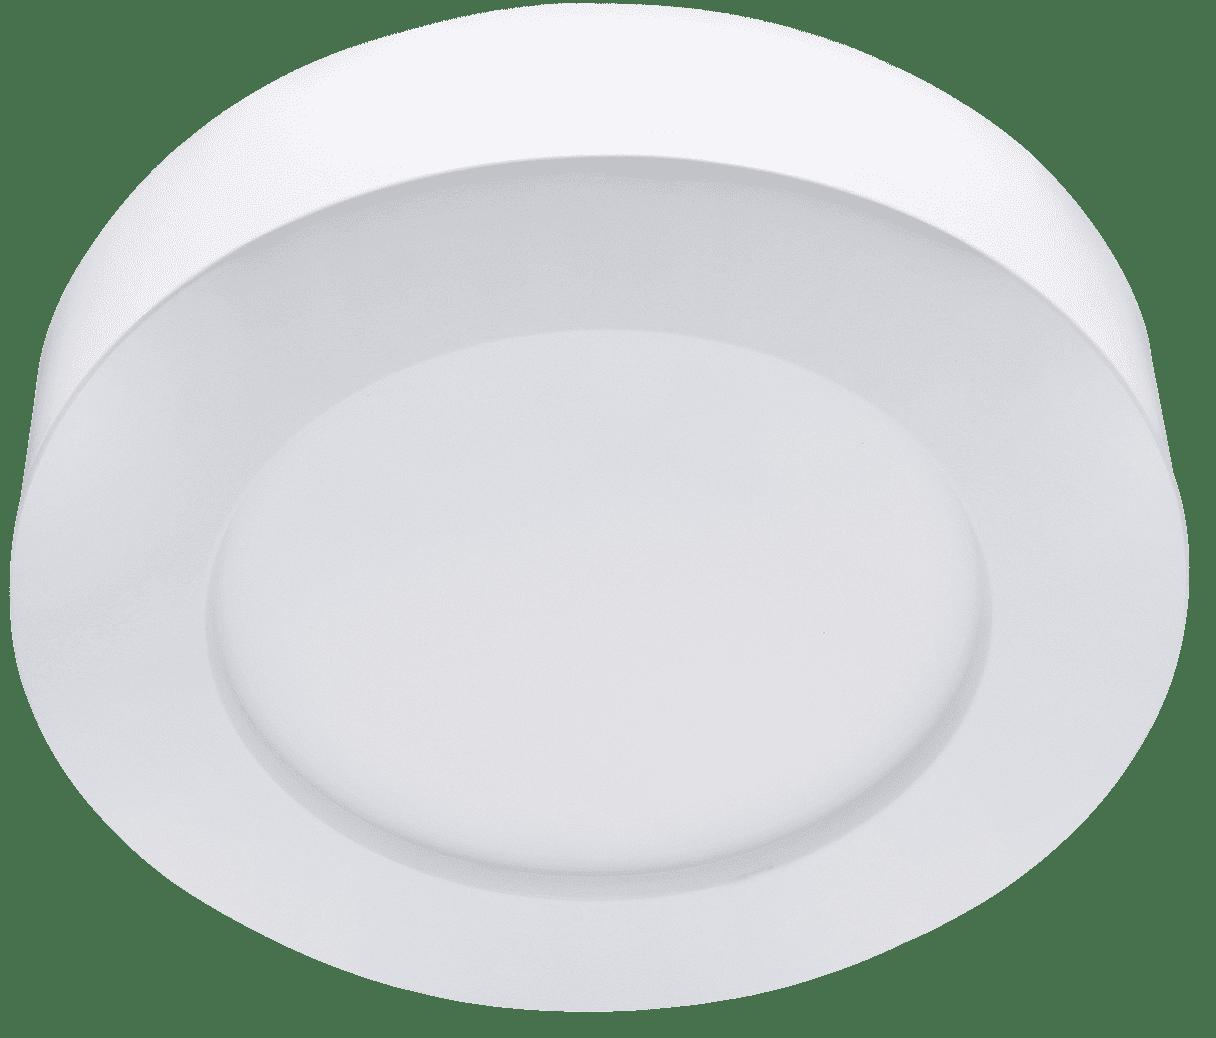 M-Light LED Ein-/ Unterbaupanel rund 11W 3000K 720lm IP44 230V dimmbar weiß 81-3111